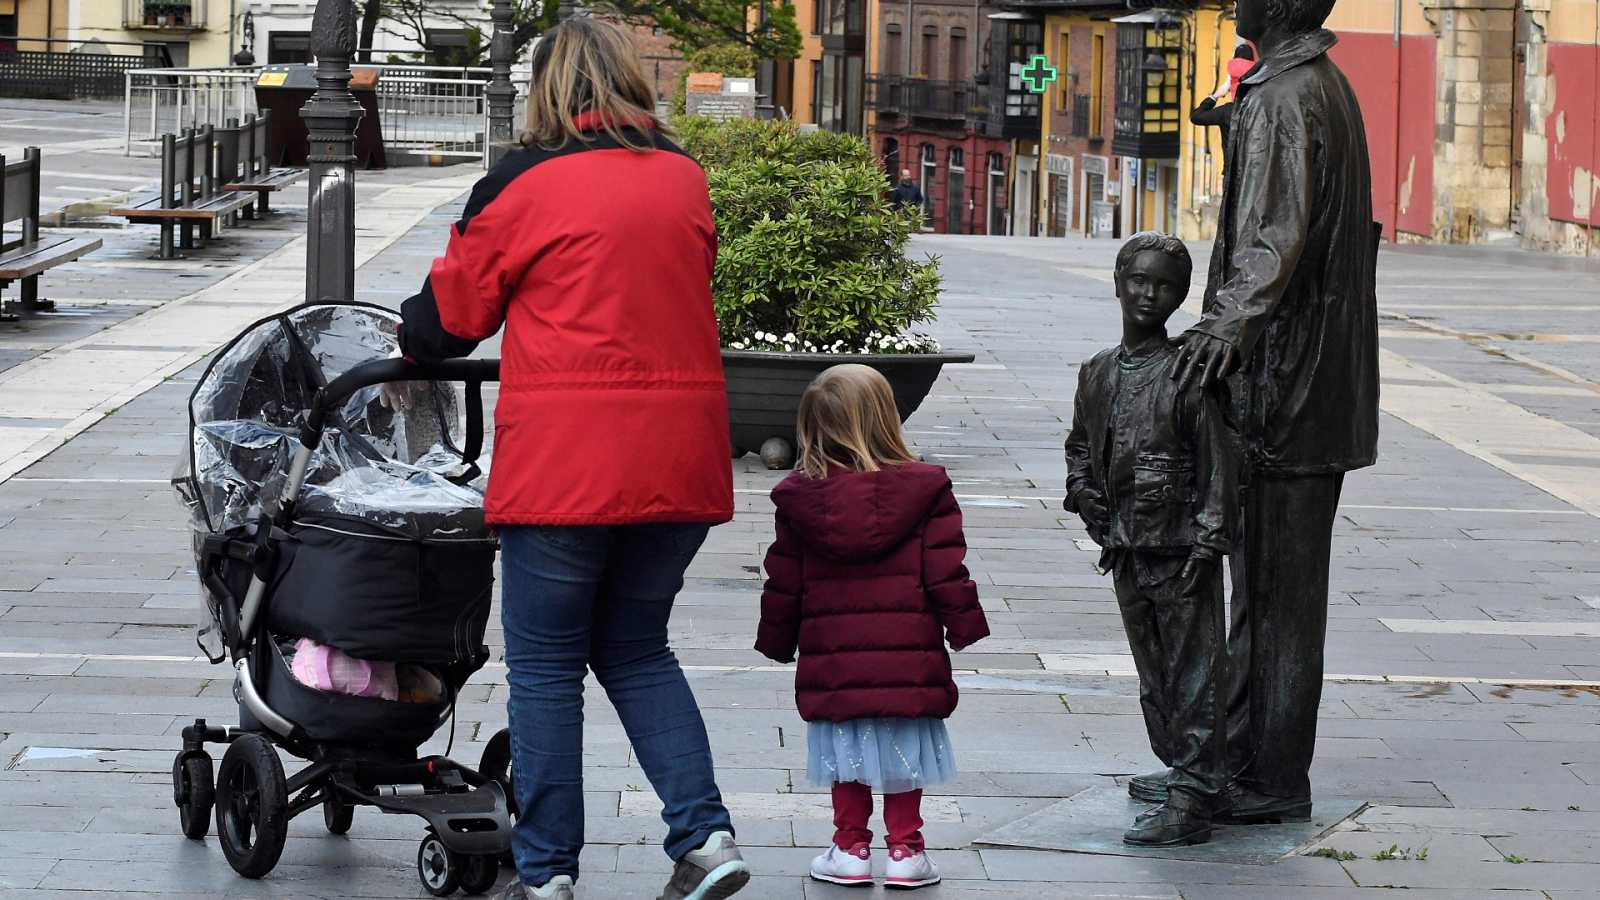 Sanidad establece franjas horarias para separar los paseos de niños y mayores y dependientes